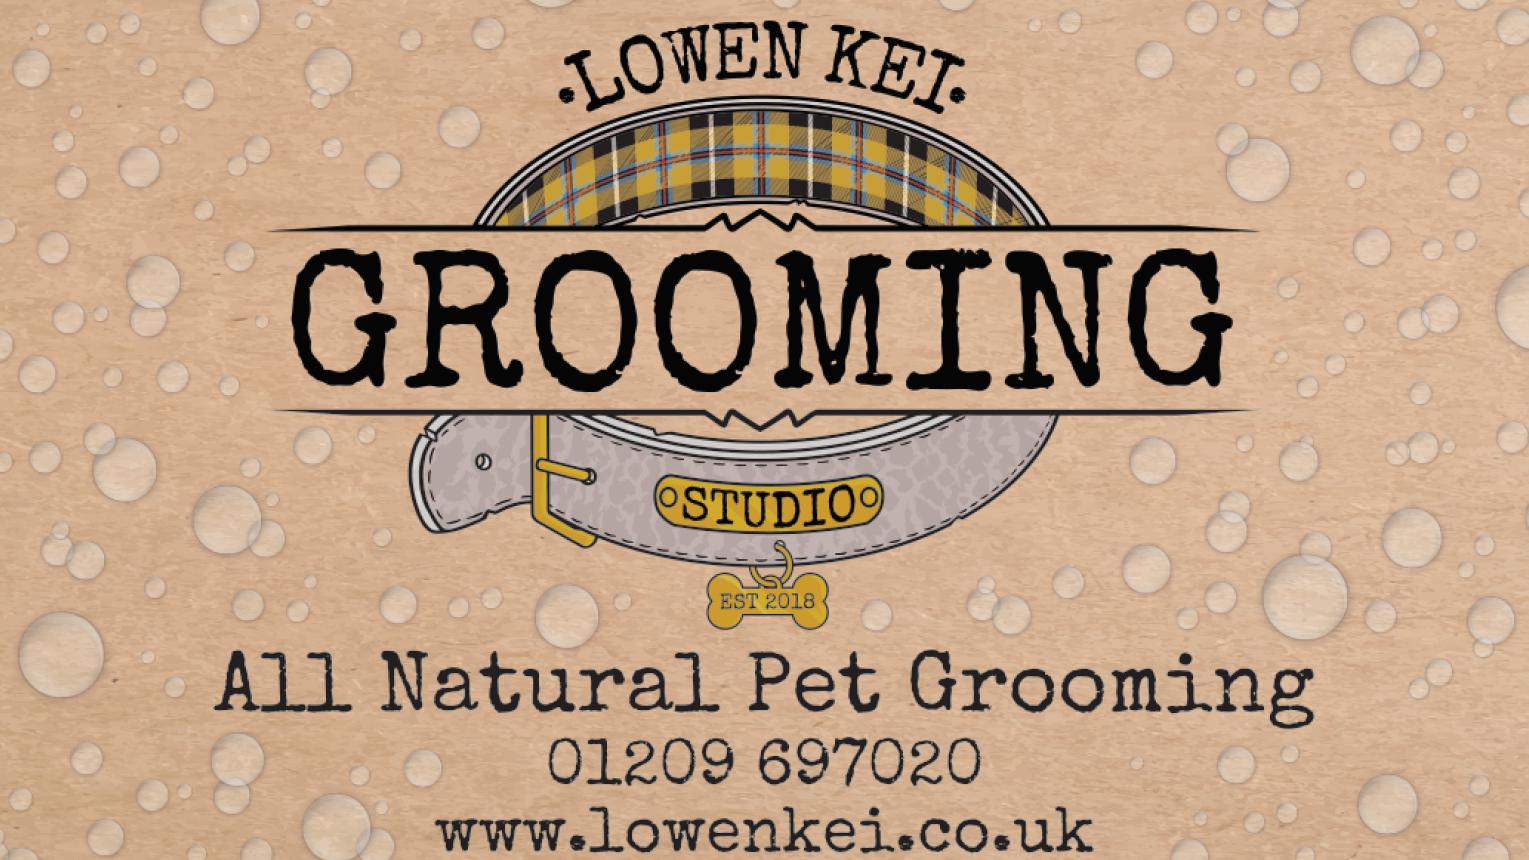 Lowen Kei Dog Grooming Studio